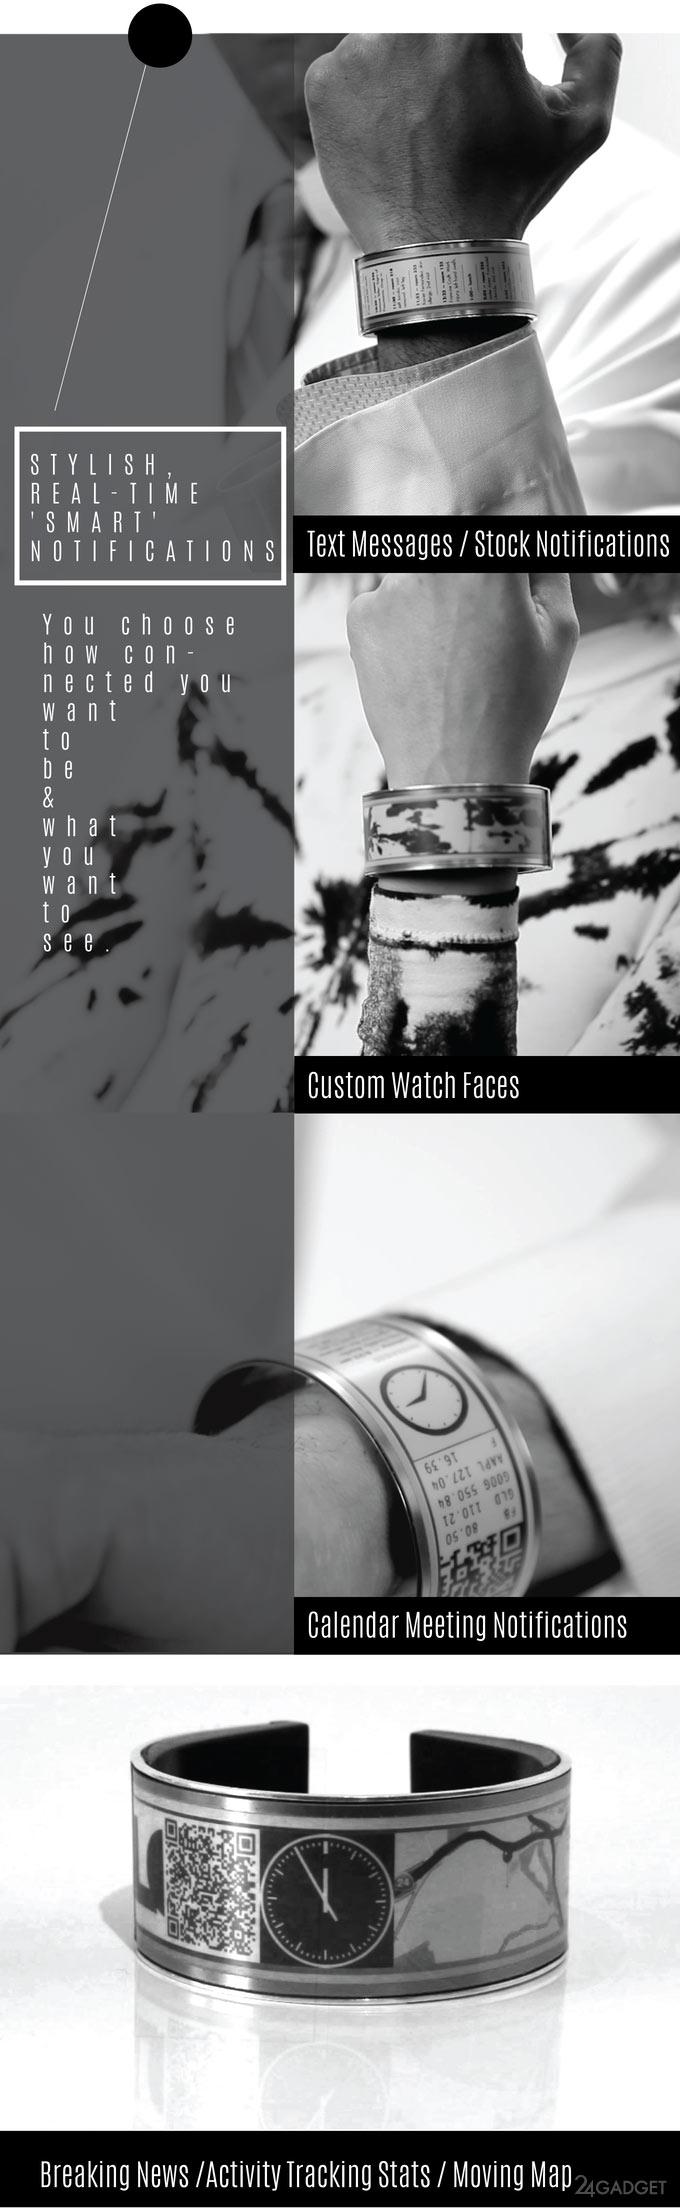 eyecatcher-010